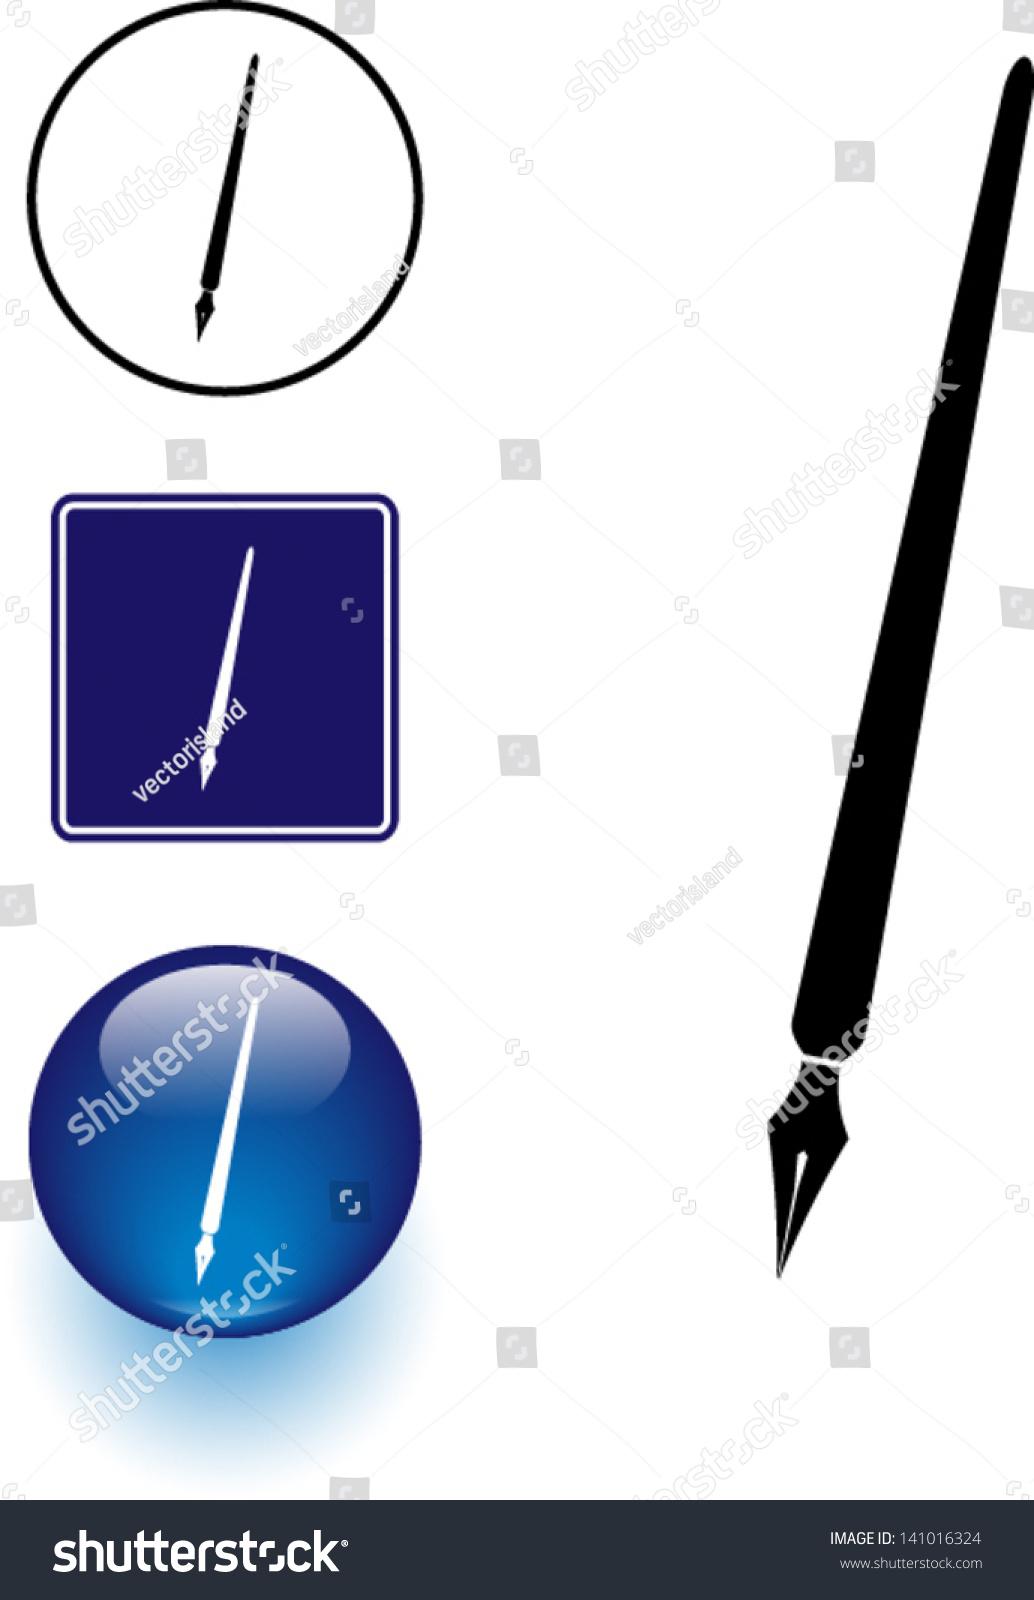 羽毛筆象征符號和按鈕-符號/標志,其它-海洛創意()-合